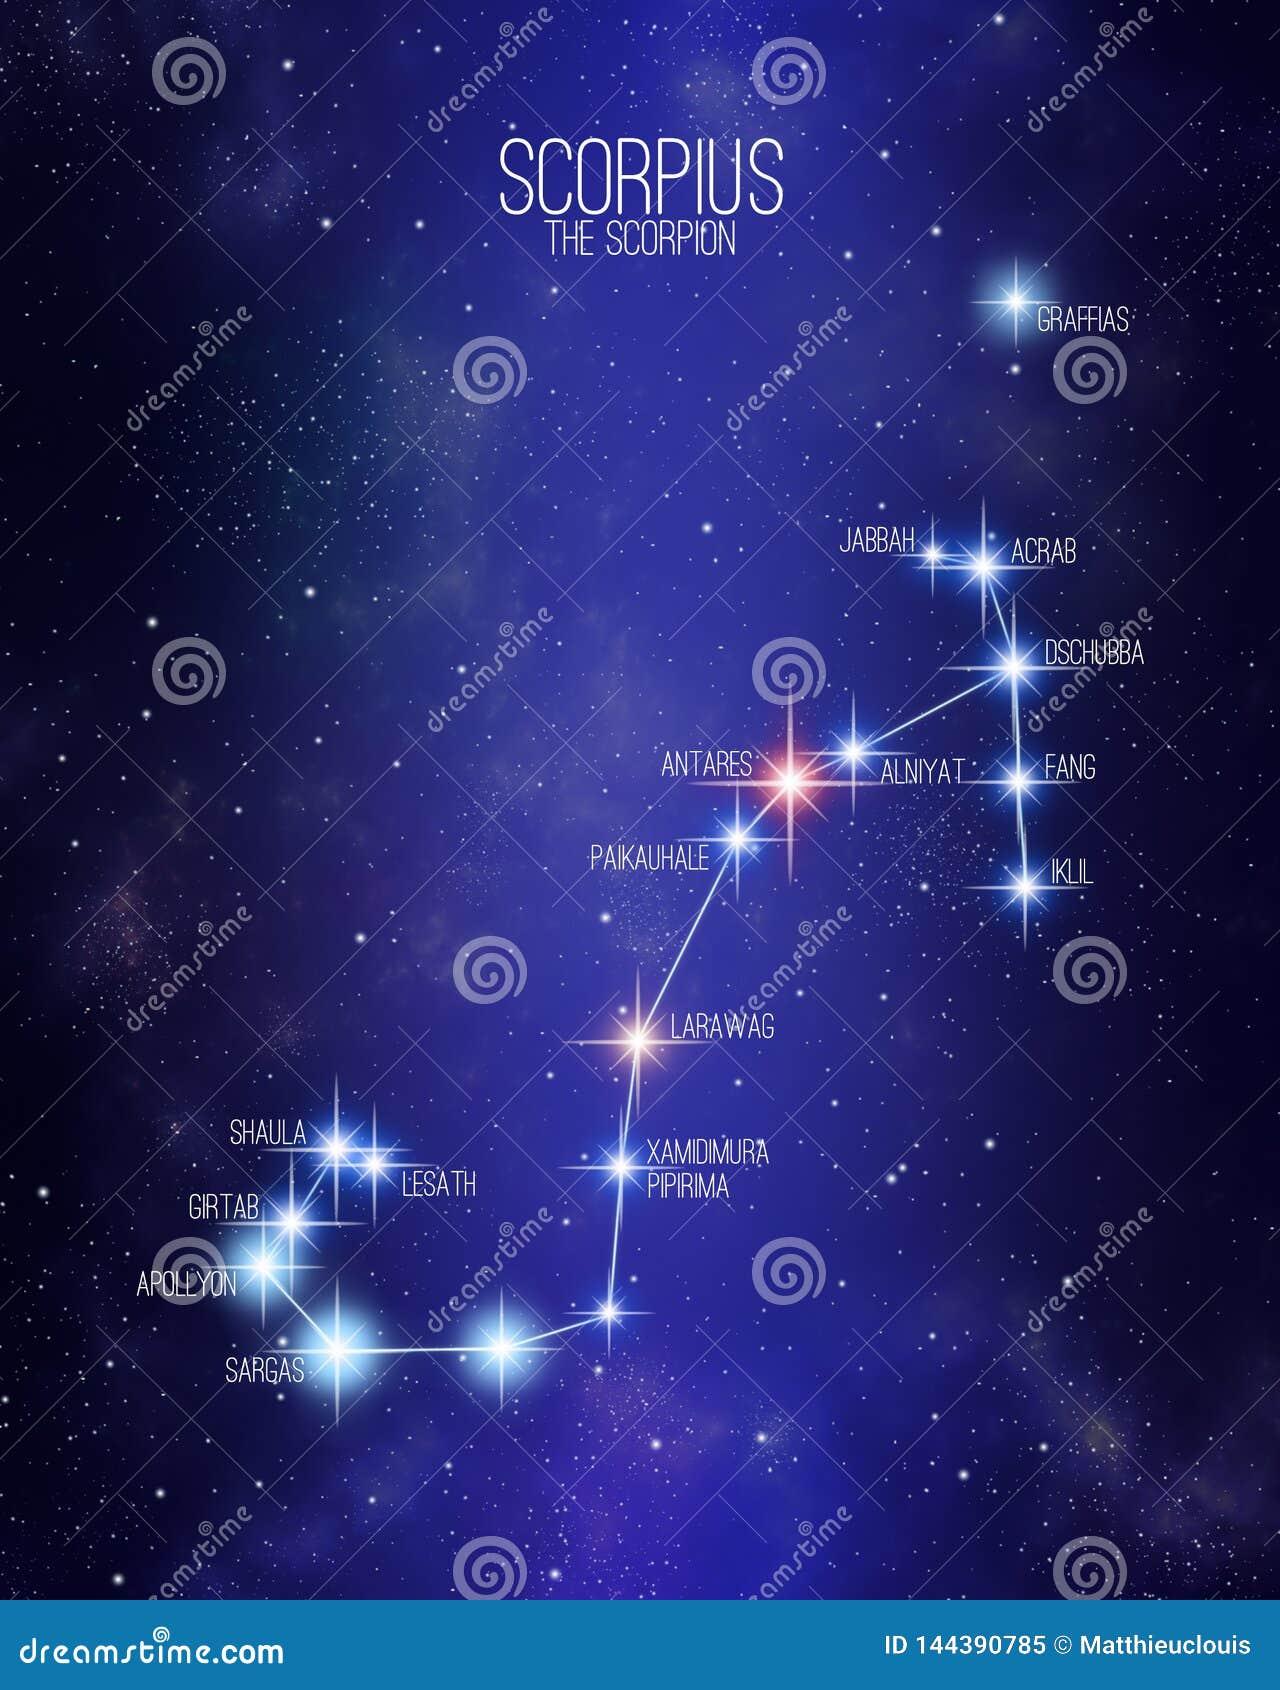 Scorpius o mapa da constelação do zodíaco do escorpião em um fundo estrelado do espaço com os nomes de suas estrelas principais T